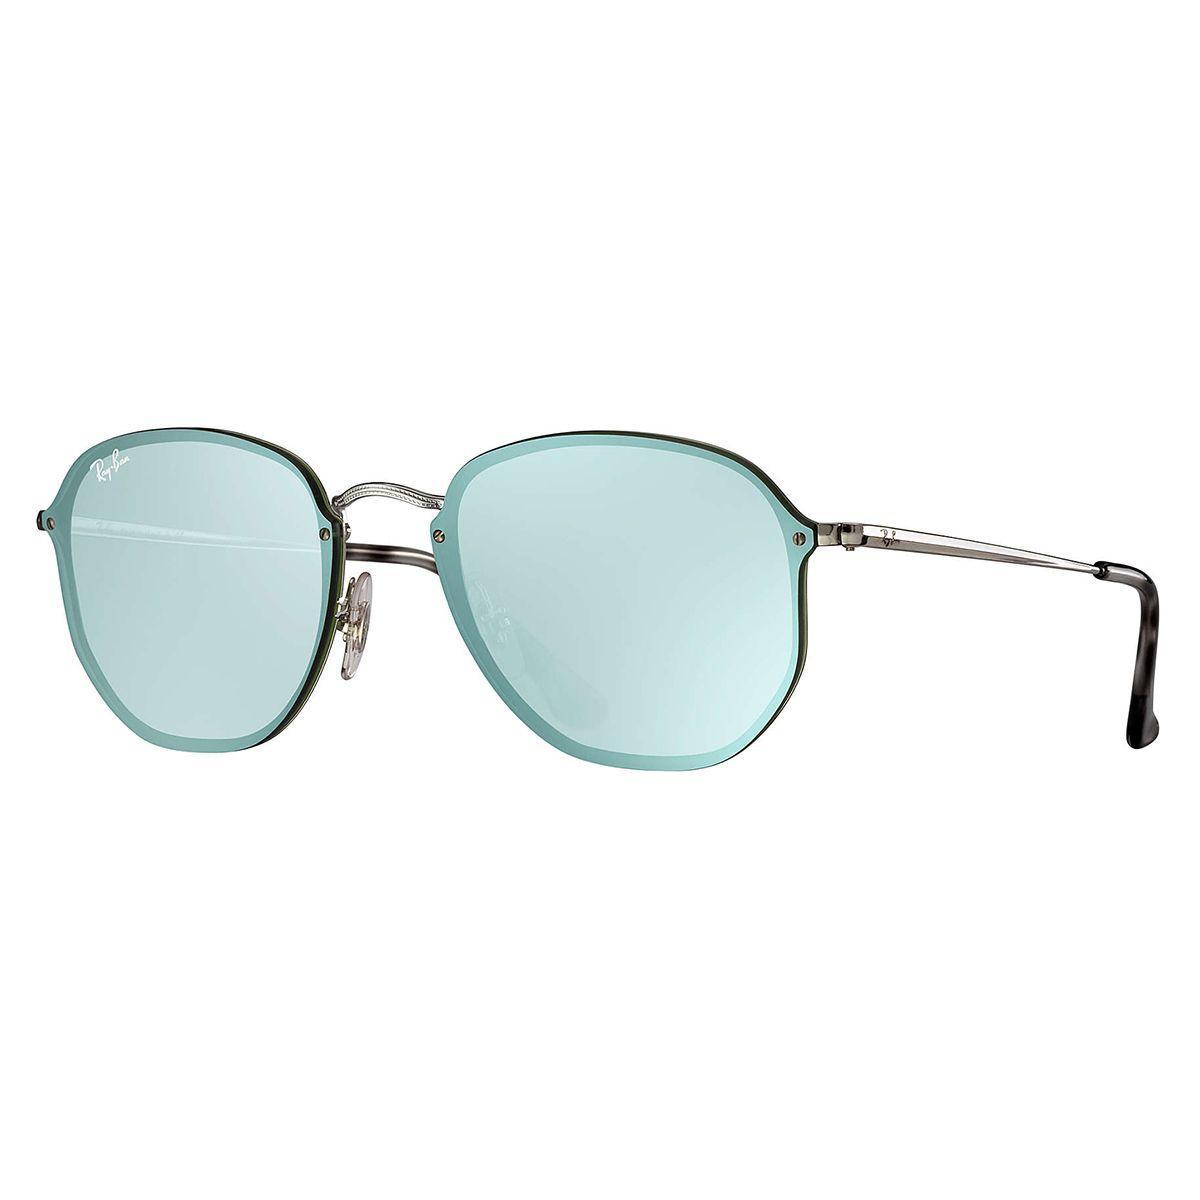 Óculos de Sol Ray-Ban Blaze Hexagonal RB3579N 003 30 R  569,50 à vista.  Adicionar à sacola 208fb4132b